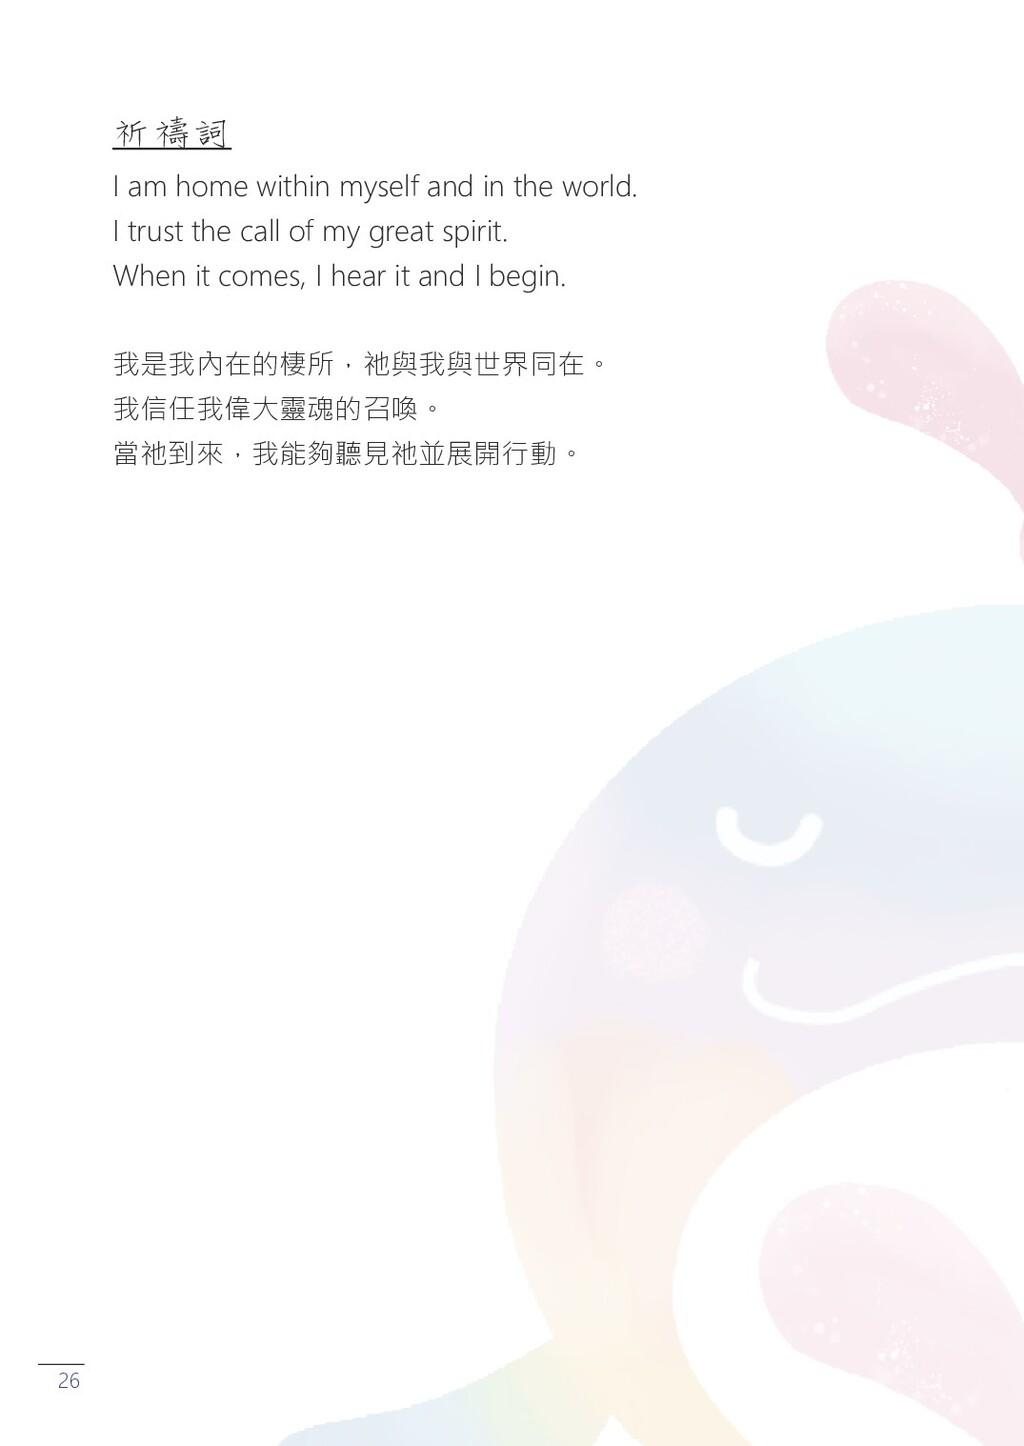 26 祈禱詞 I am home within myself and in the world...